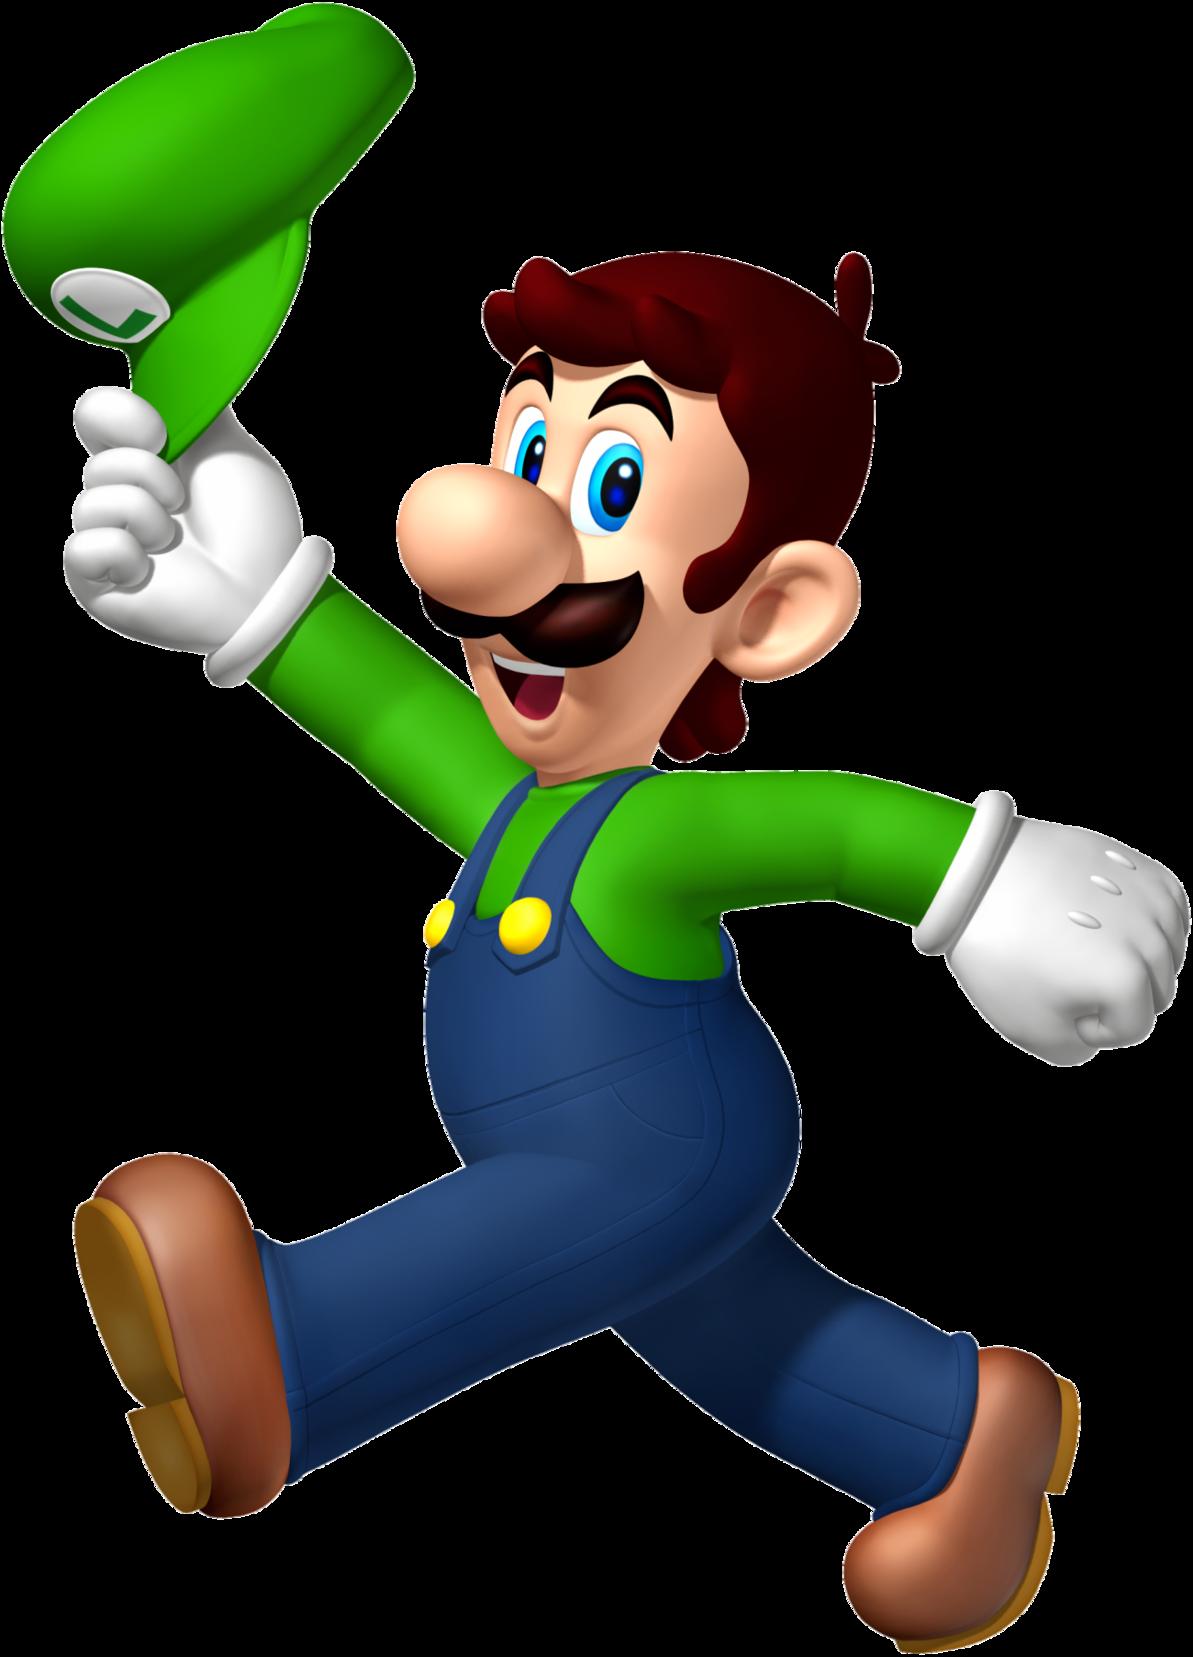 R sultat de recherche d 39 images pour luigi without cap - Luigi mario party ...